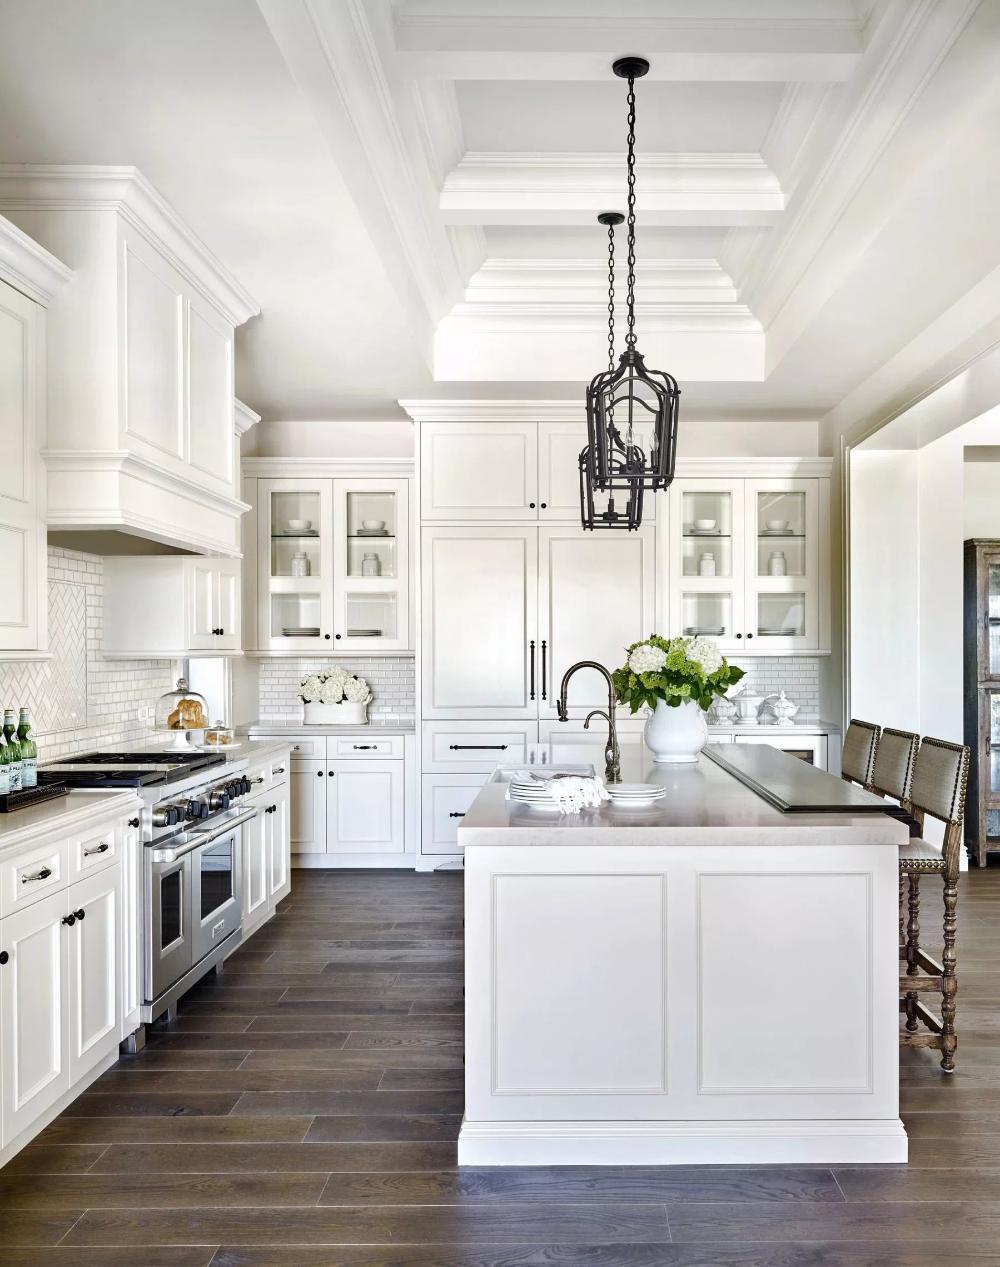 25 Beautiful Kitchen Kompact Cabinets Kitchen Cabinet Luxury Kitchen Design Farmhouse Kitchen Design Kitchen Style